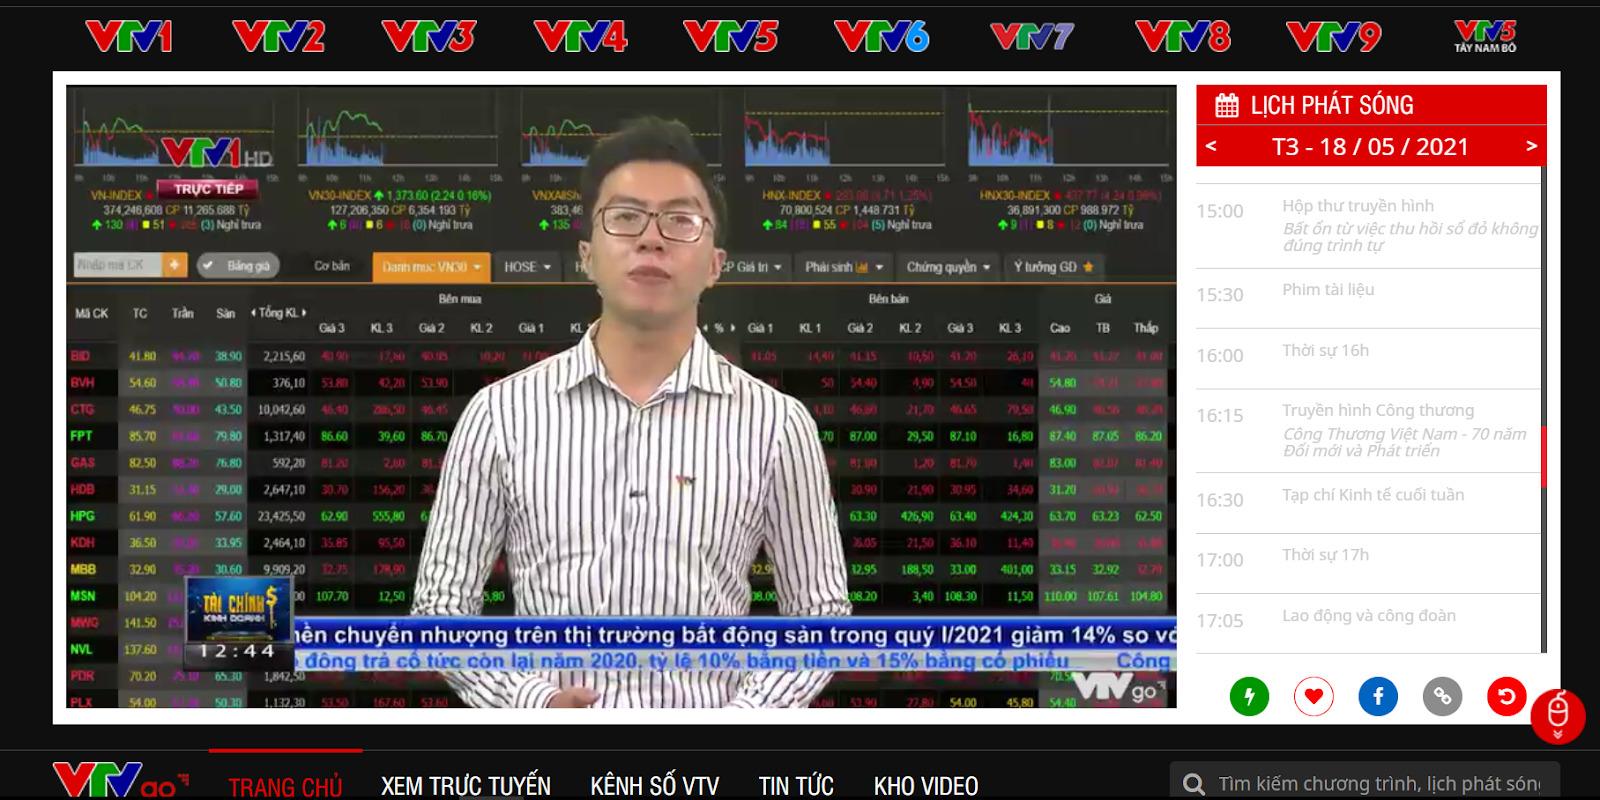 Giao diện chính của website VTVgo.vn